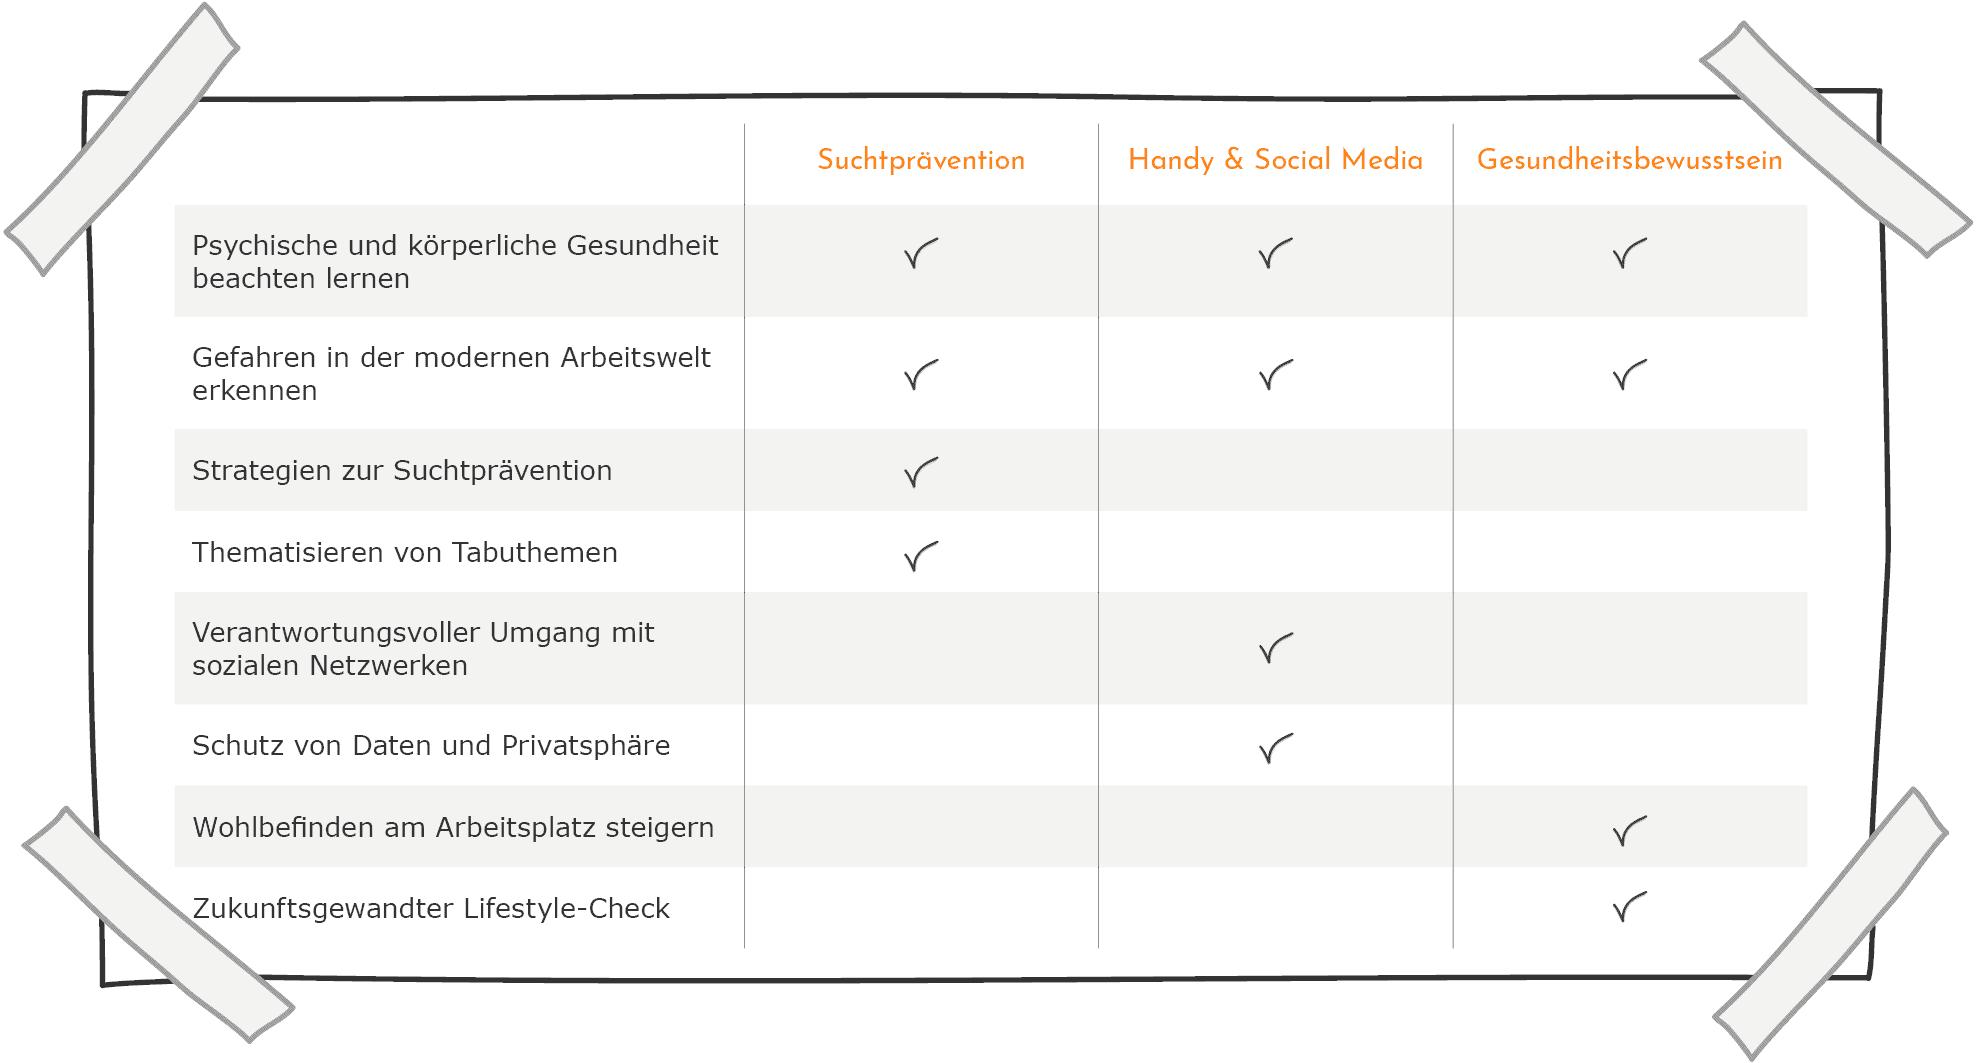 Gesundheit & Prävention - Inhalte im Vergleich